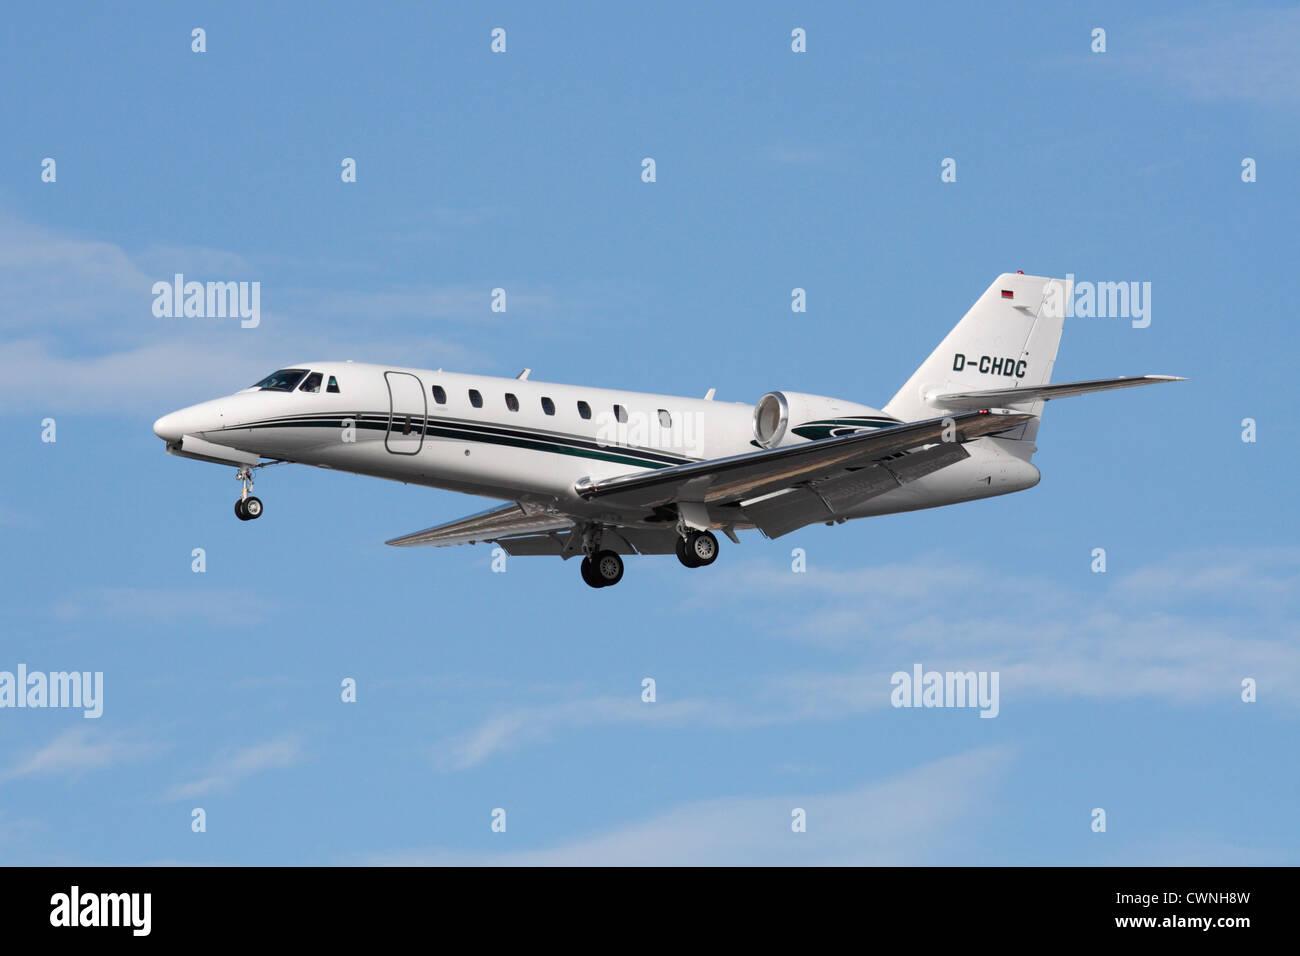 L'aviation d'affaires. 680 Cessna Citation jet privé souverain en approche Photo Stock